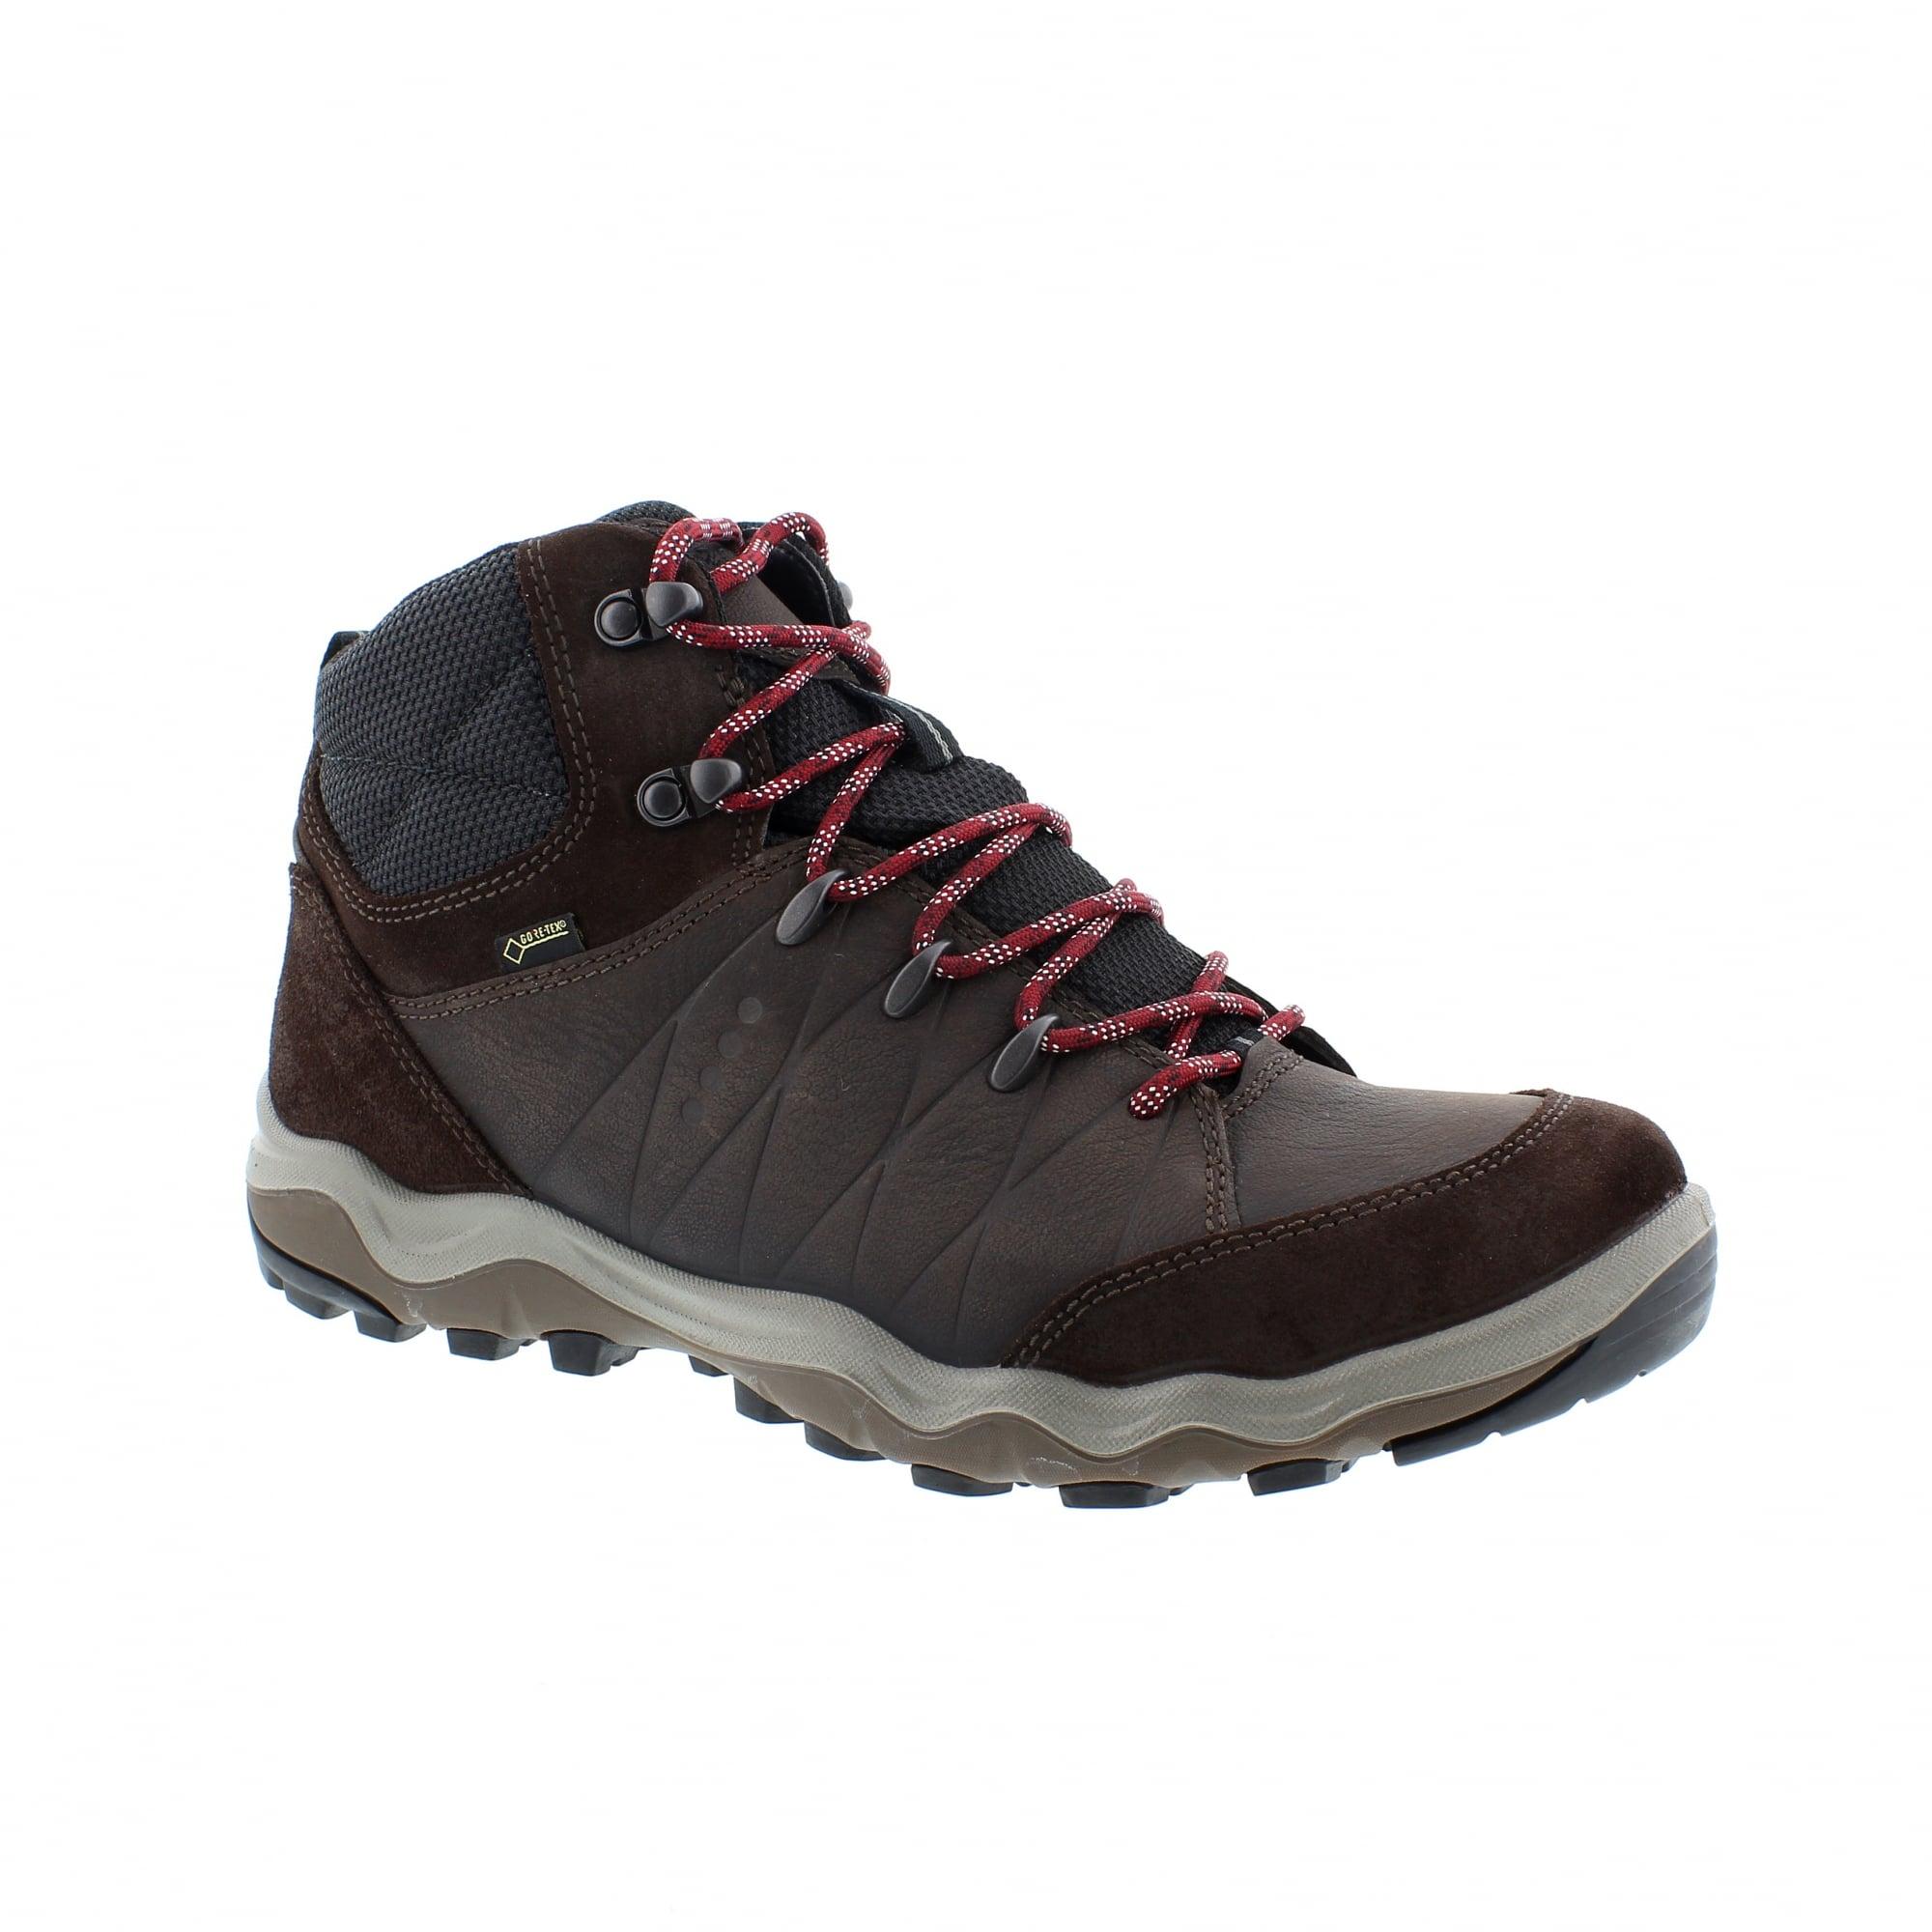 Ecco Ulterra 823194 58500 Mens Walking Boots